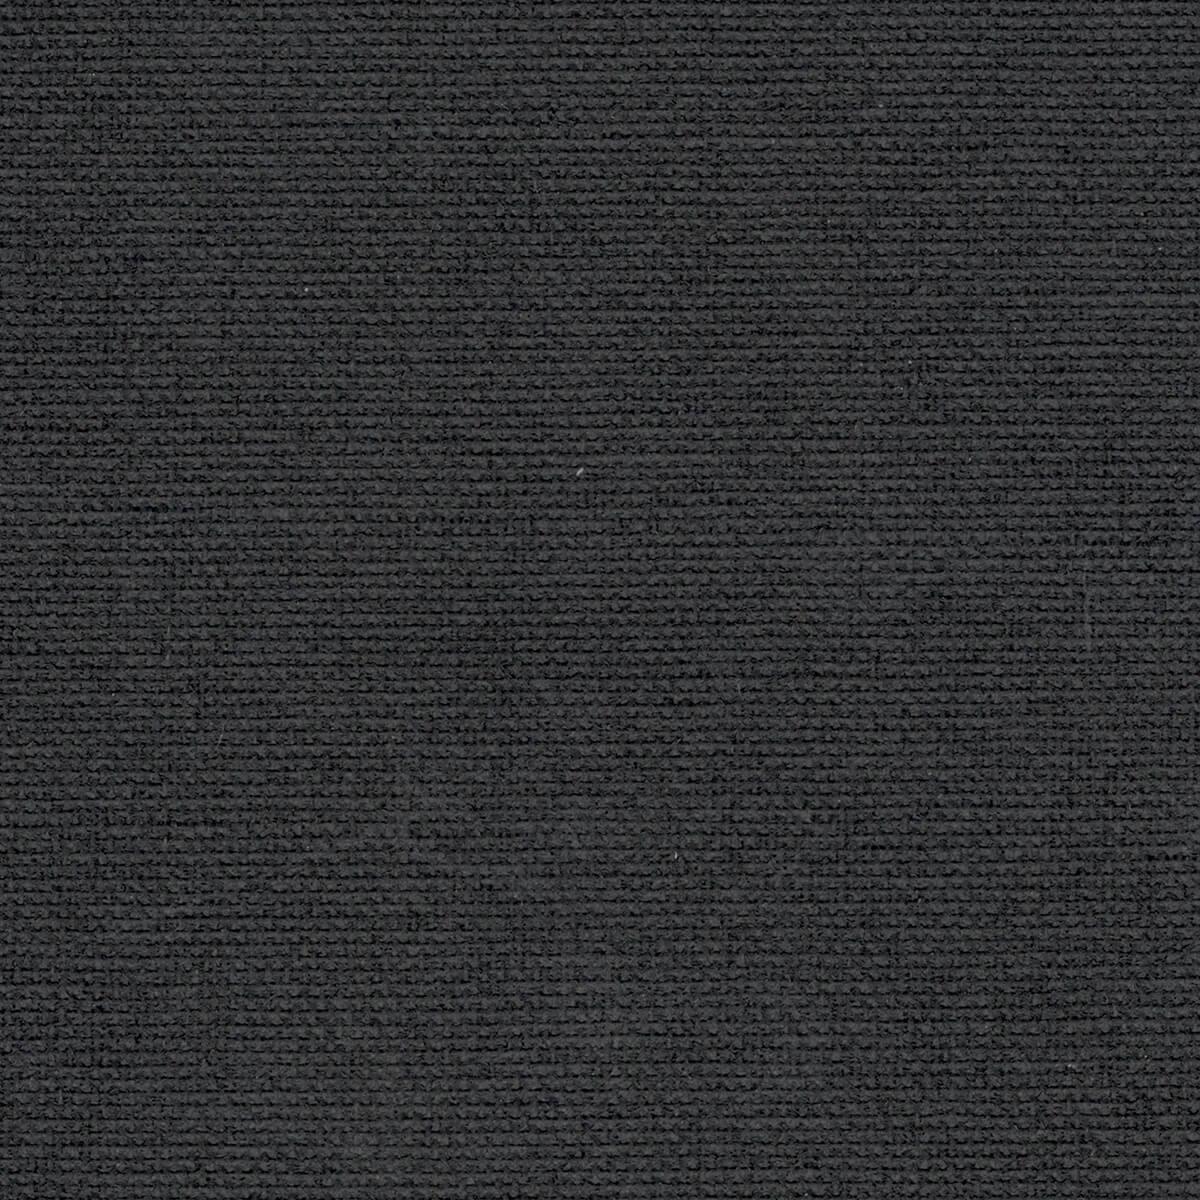 پرده شید با سبک مدرن   جنس پلی استر   کد VSH07  گروه وراتی